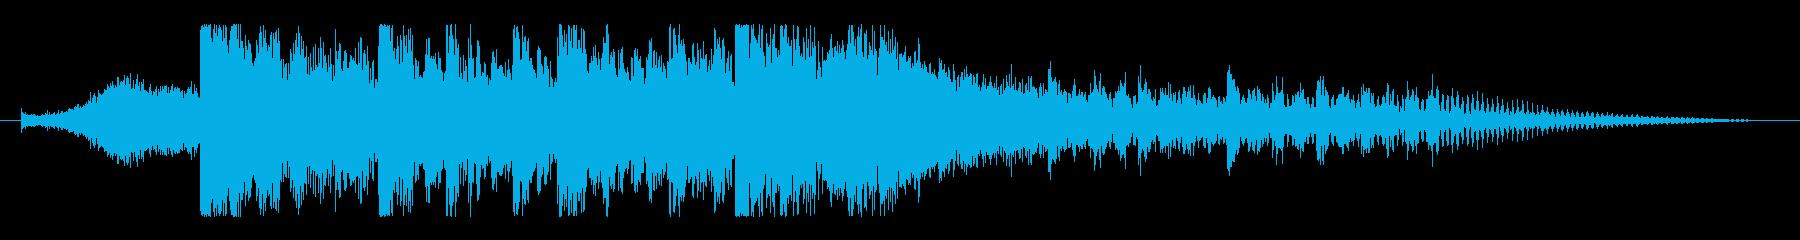 重厚でハードなデジタル、ダブステップロゴの再生済みの波形